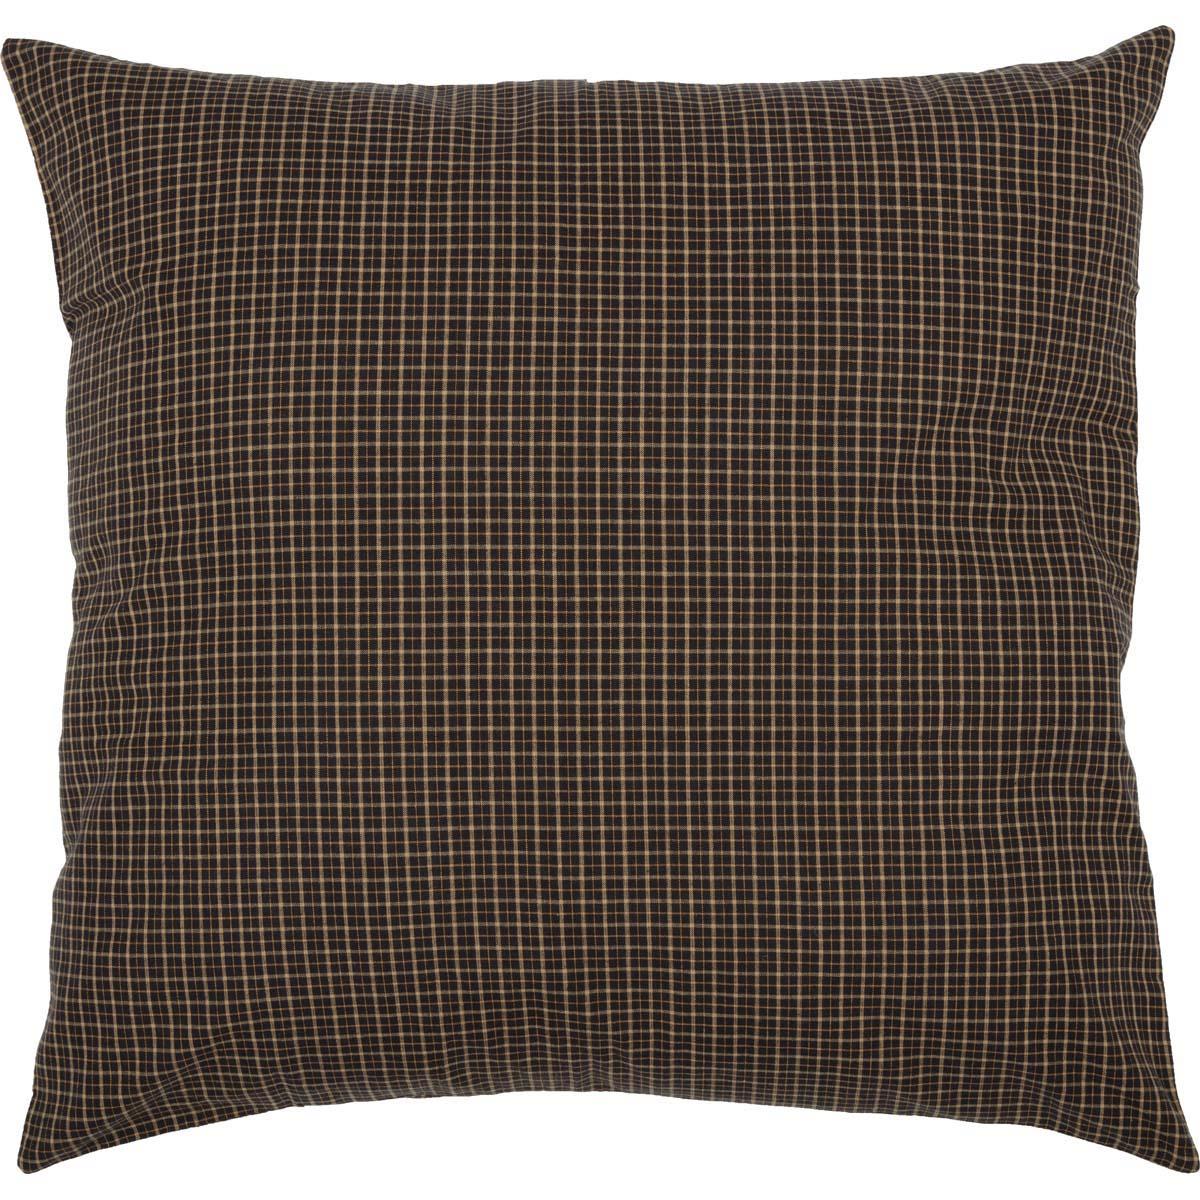 Kettle Grove Euro Sham Fabric 26x26